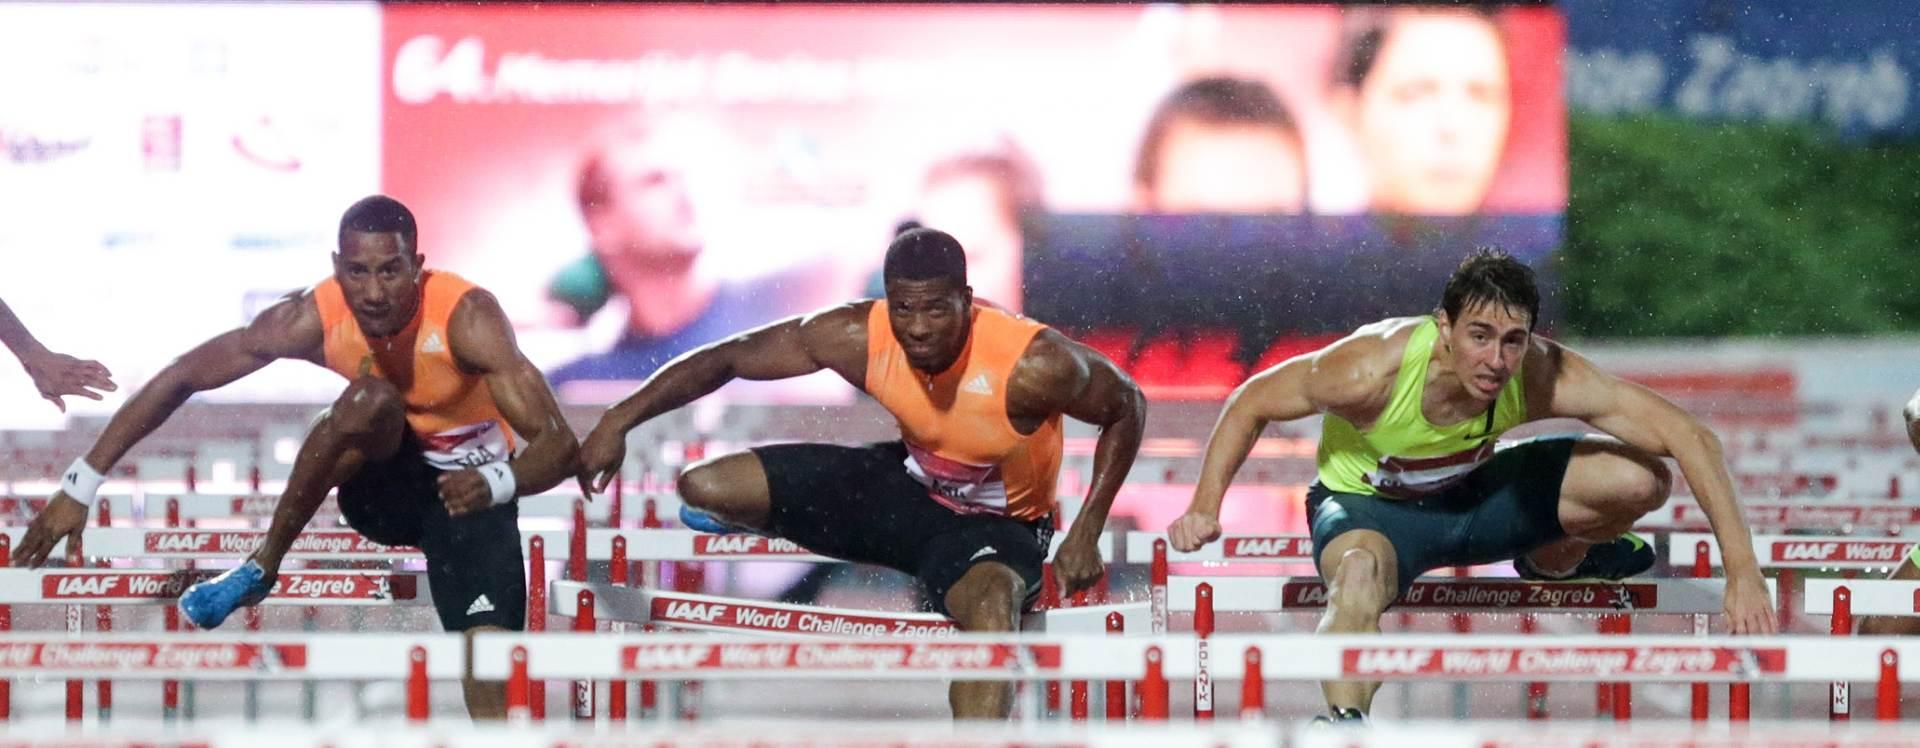 """IAAF-a ODBACUJE TVRDNJE O DOPINGU: Svjetska sportska tijela traže """"detaljnu istragu"""""""